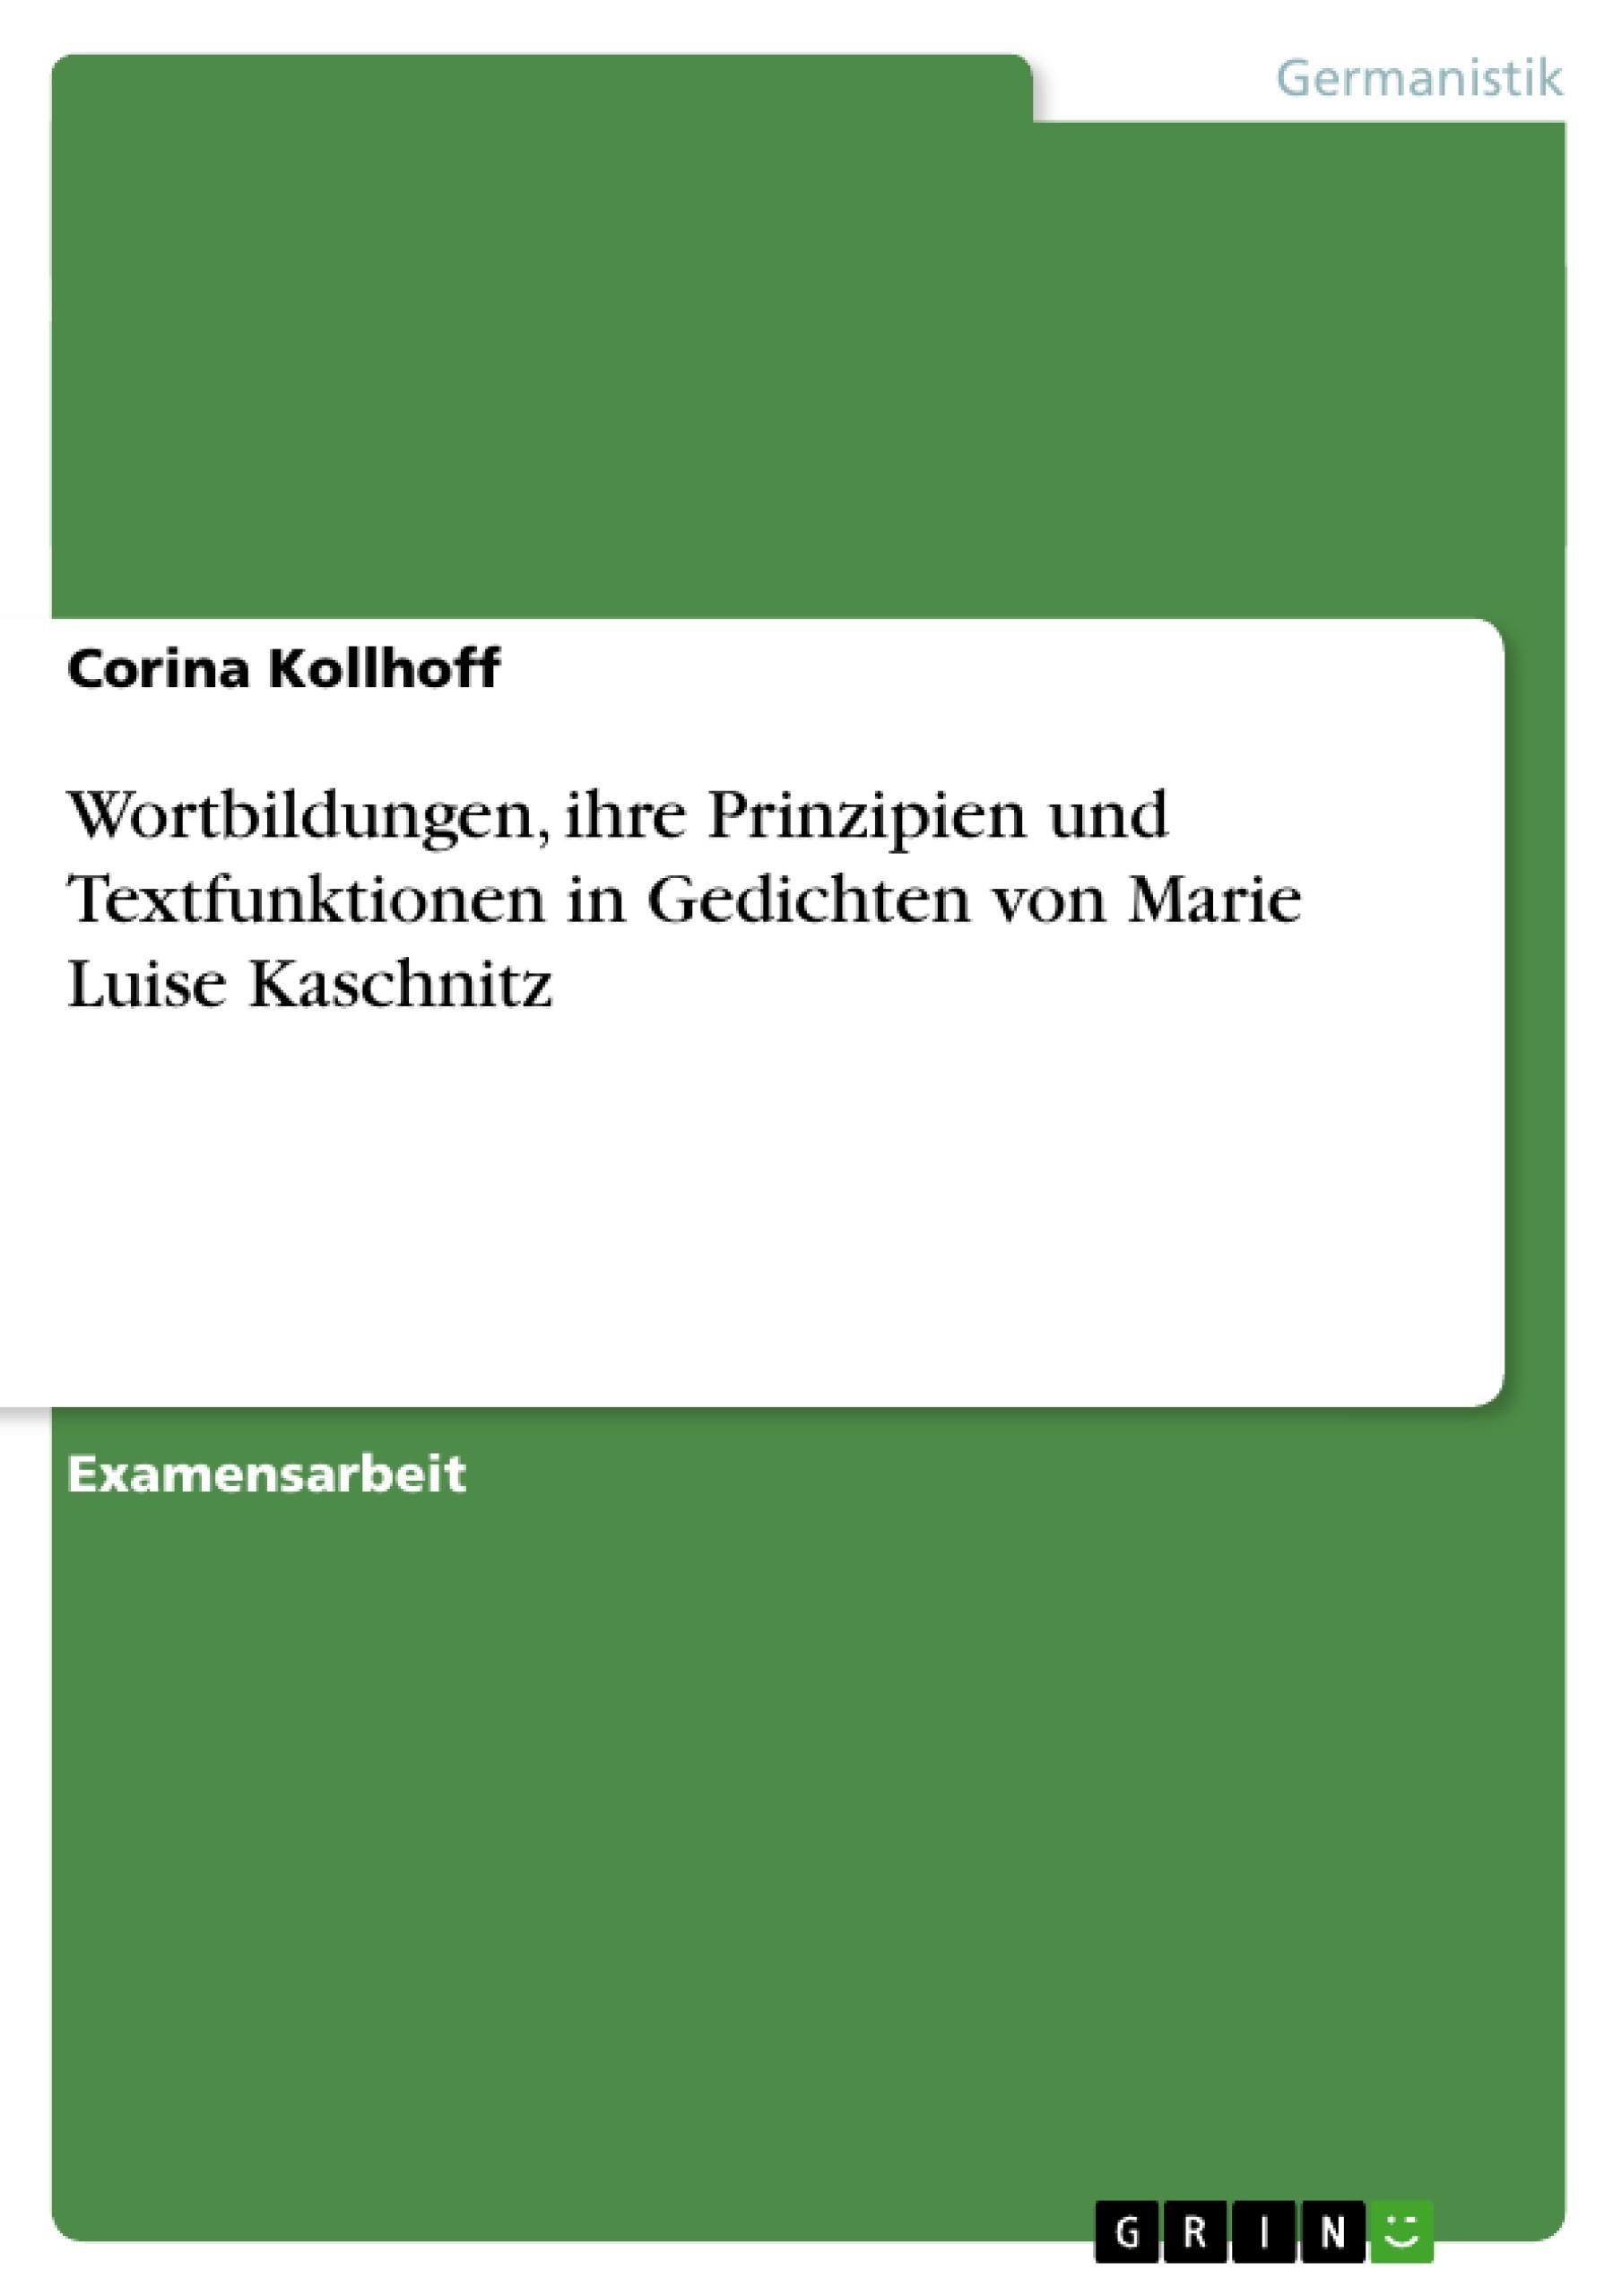 Titel: Wortbildungen, ihre Prinzipien und Textfunktionen in Gedichten von Marie Luise Kaschnitz